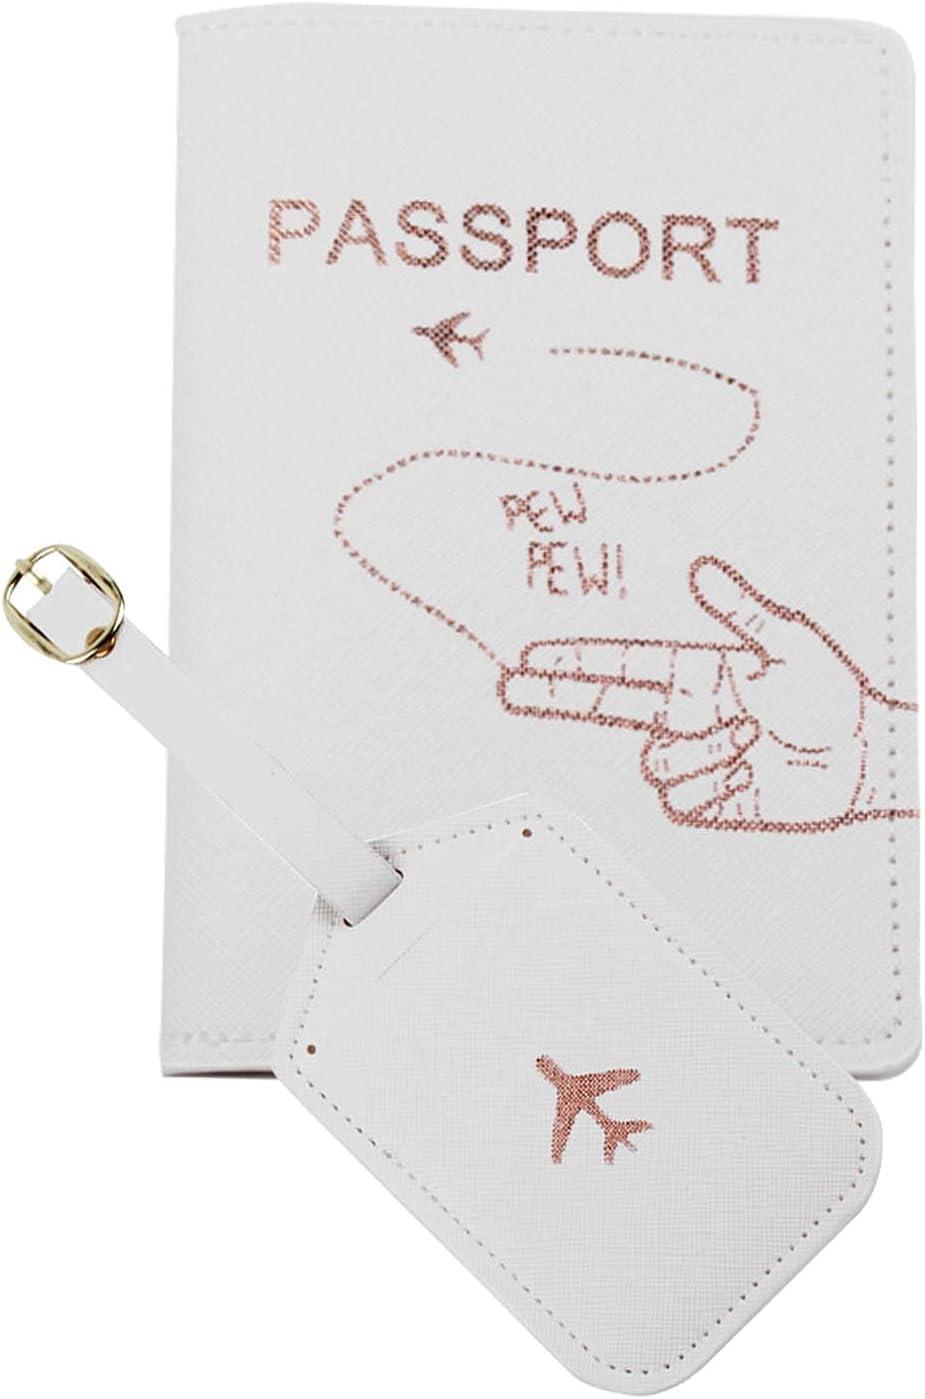 Snogisa Passport Ranking TOP4 Wallets Travel Holder best birthday Max 69% OFF Set friend